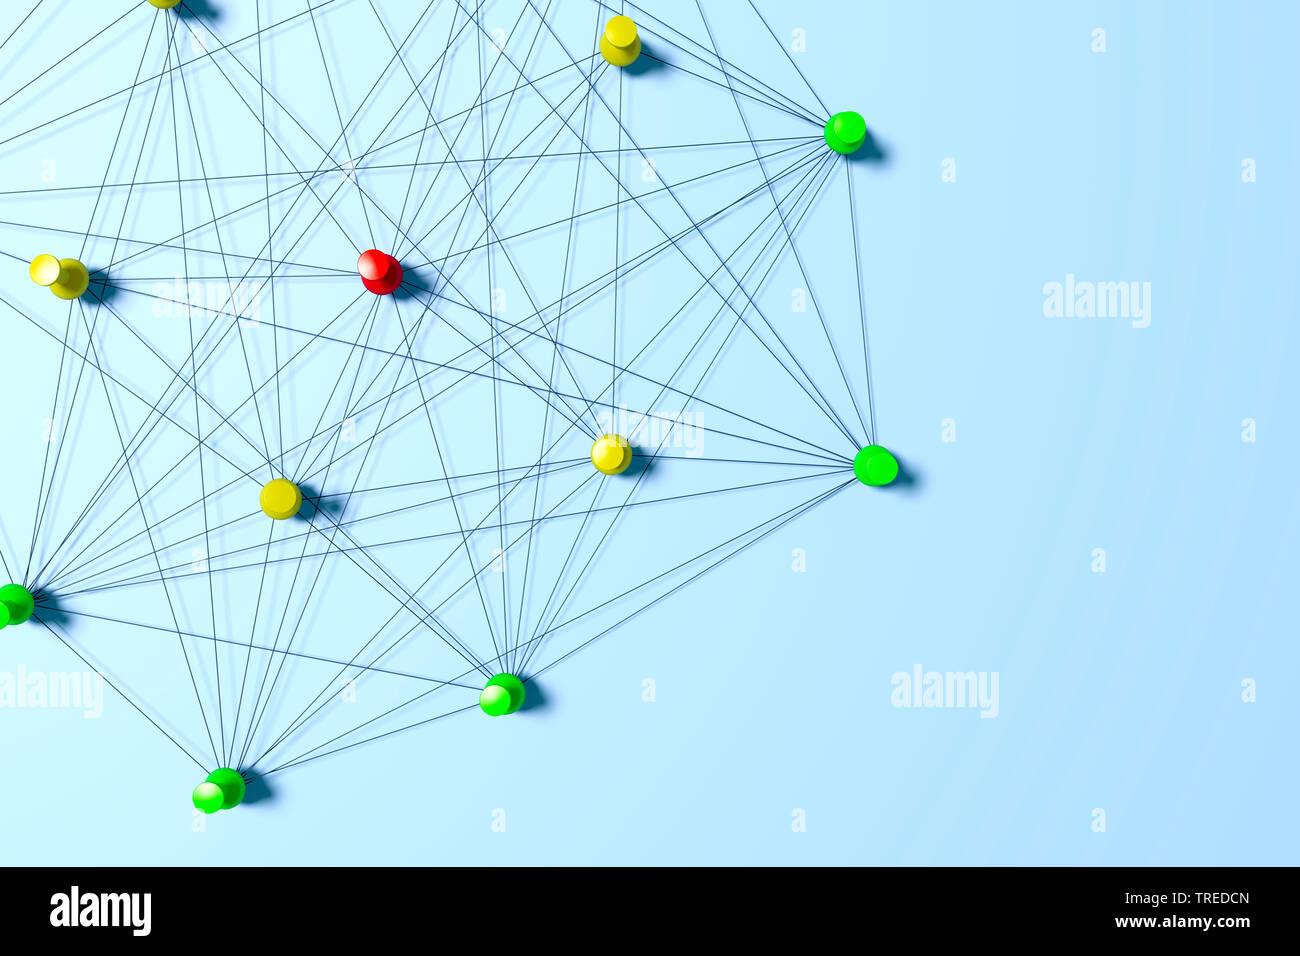 Nadeln mit schwarzem Faden verbunden, ein Netzwerk symbolisierend   Pins connected with black twines, symbolizing a network structure    BLWS523591.jp - Stock Image